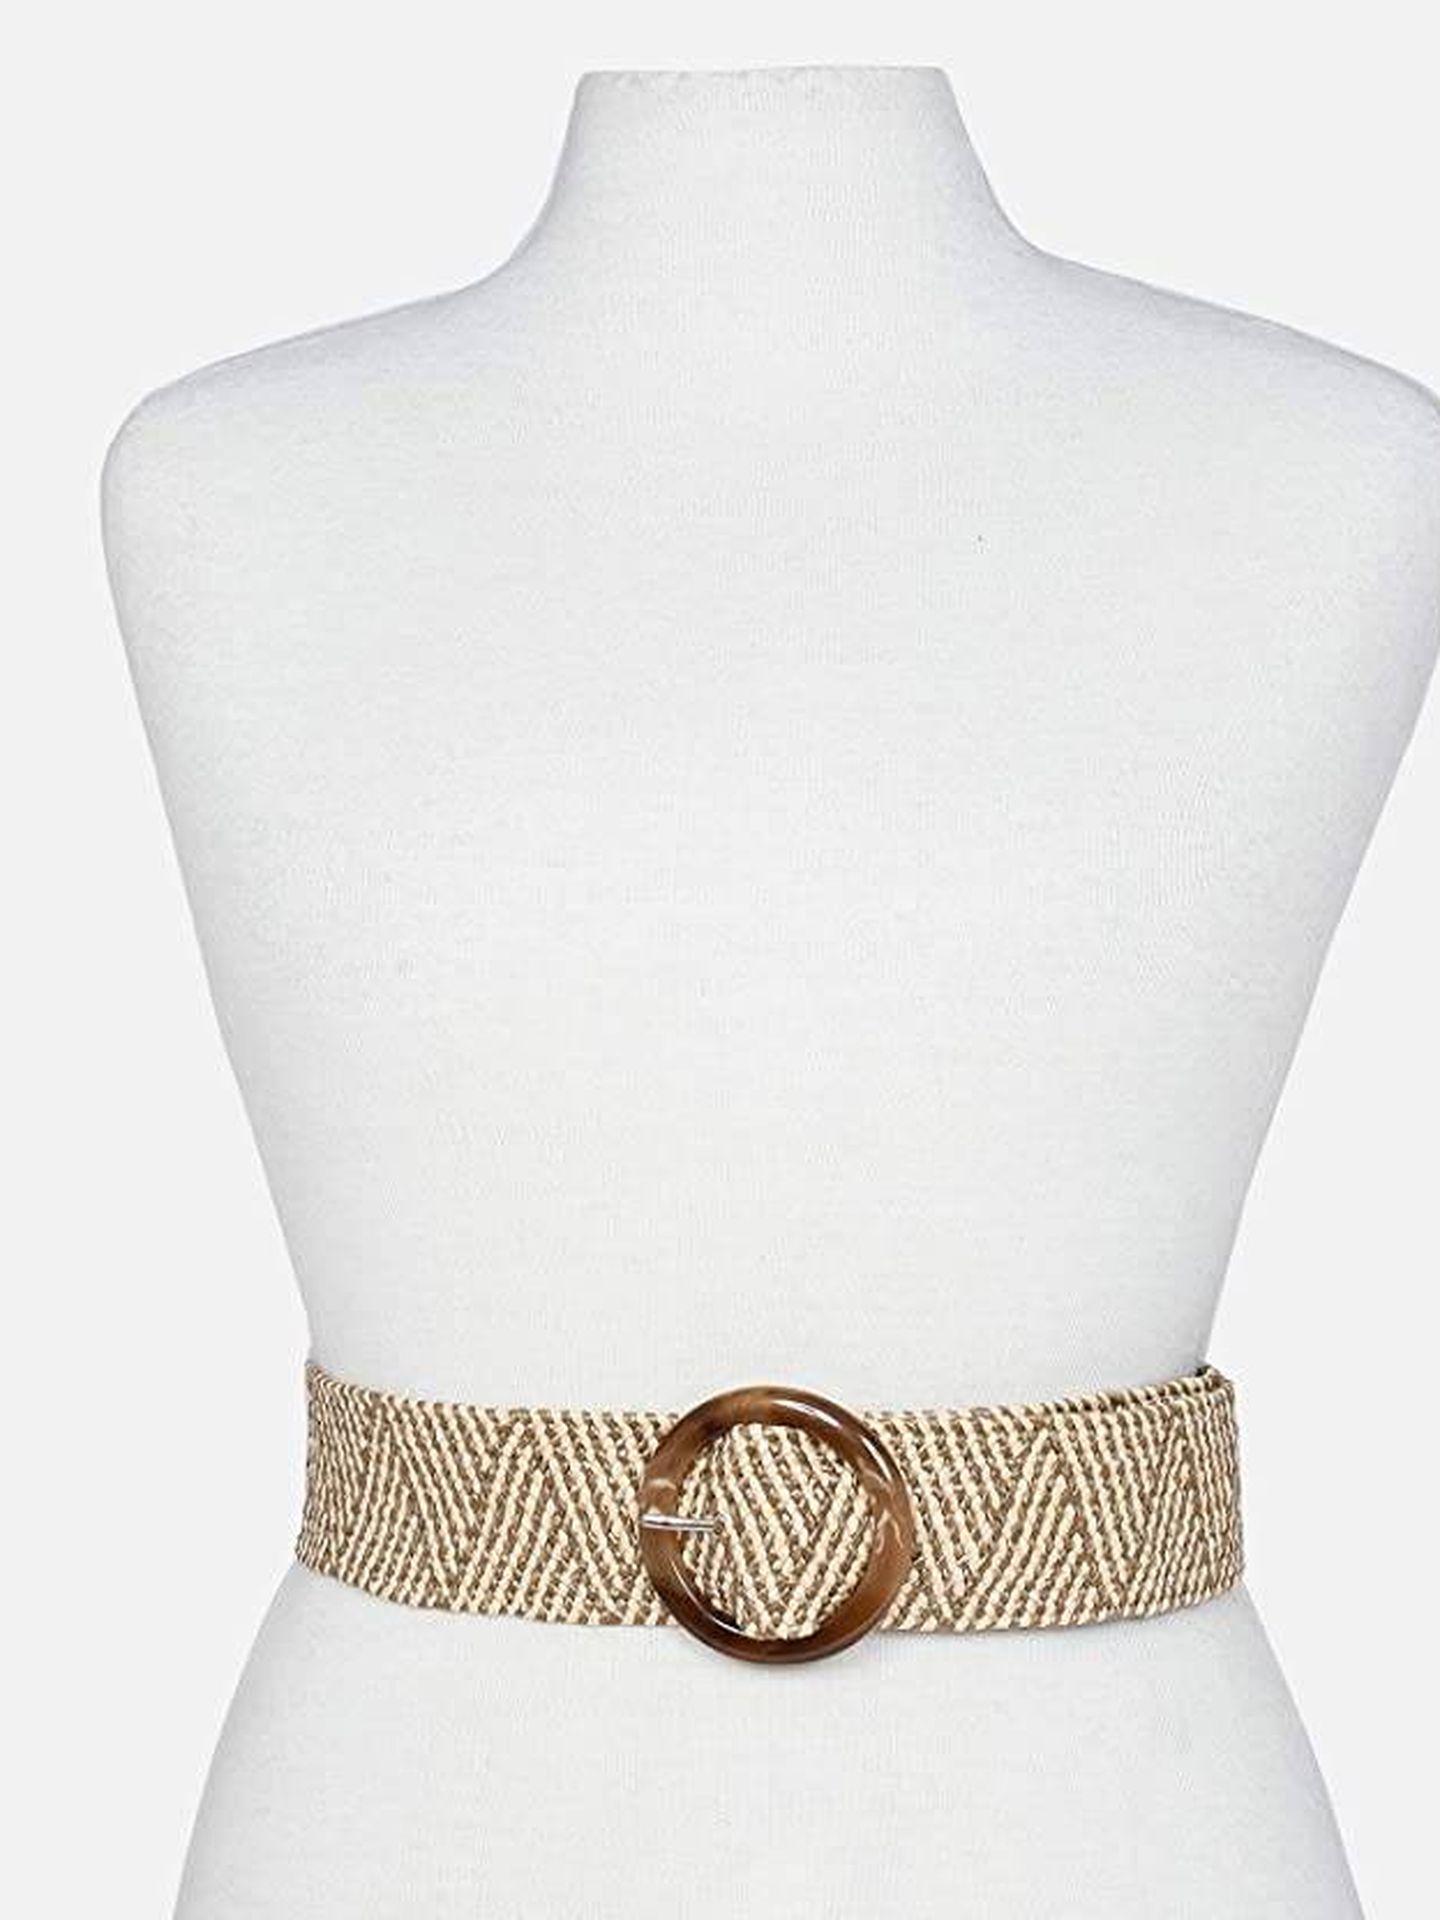 Cinturón de Becksöndergaard. (Cortesía)